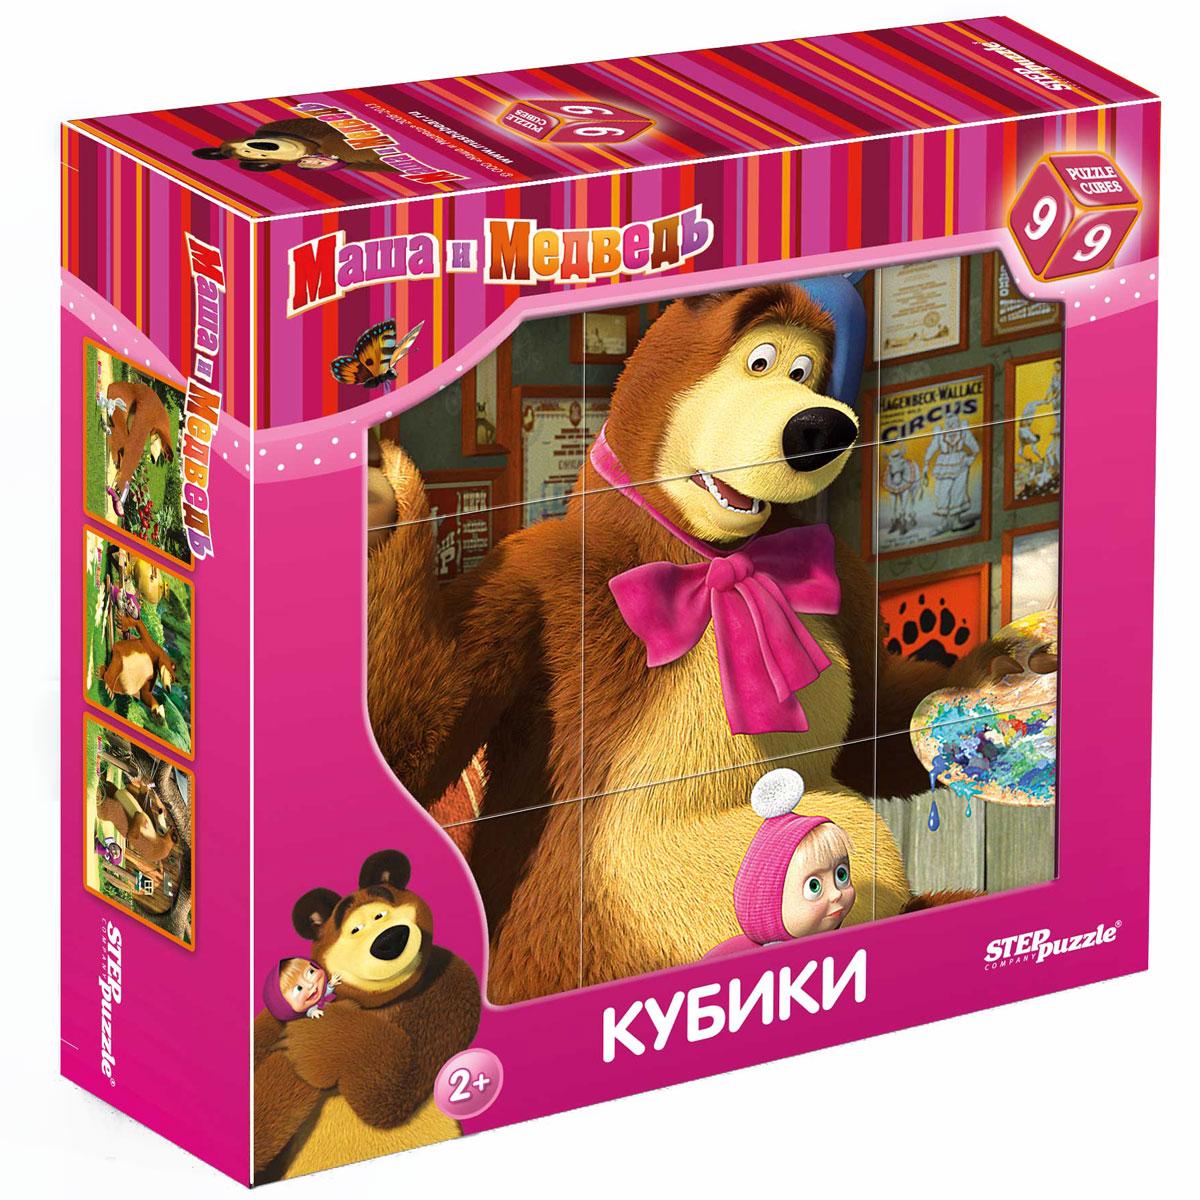 Step Puzzle Кубики Маша и Медведь Художники87133С помощью кубиков Step Puzzle Маша и Медведь. Художники ребенок сможет собрать целых шесть красочных картинок с любимыми героями мультсериала Маша и Медведь. Игра с кубиками развивает зрительное восприятие, наблюдательность, мелкую моторику рук и произвольные движения. Ребенок научится складывать целостный образ из частей, определять недостающие детали изображения. Это прекрасный комплект для развлечения и времяпрепровождения с пользой для малыша.